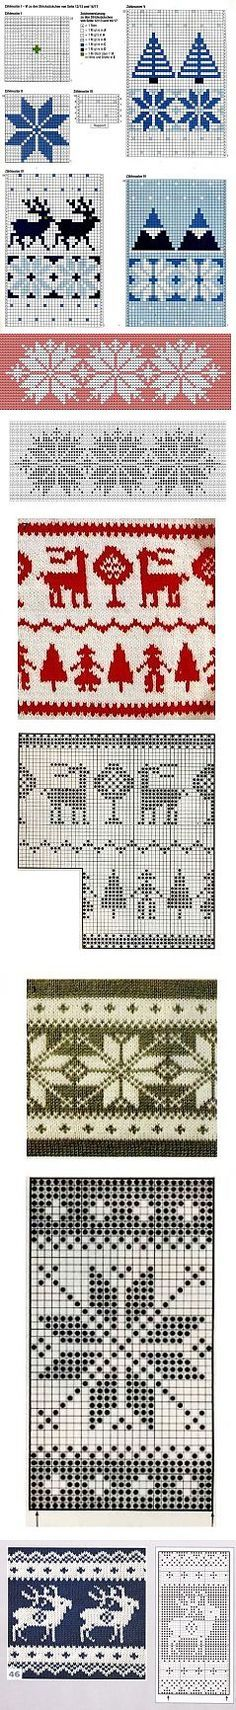 Норвежские узоры схемы | 06 - Жаккард,Миссони,Многоцветные. | Постила